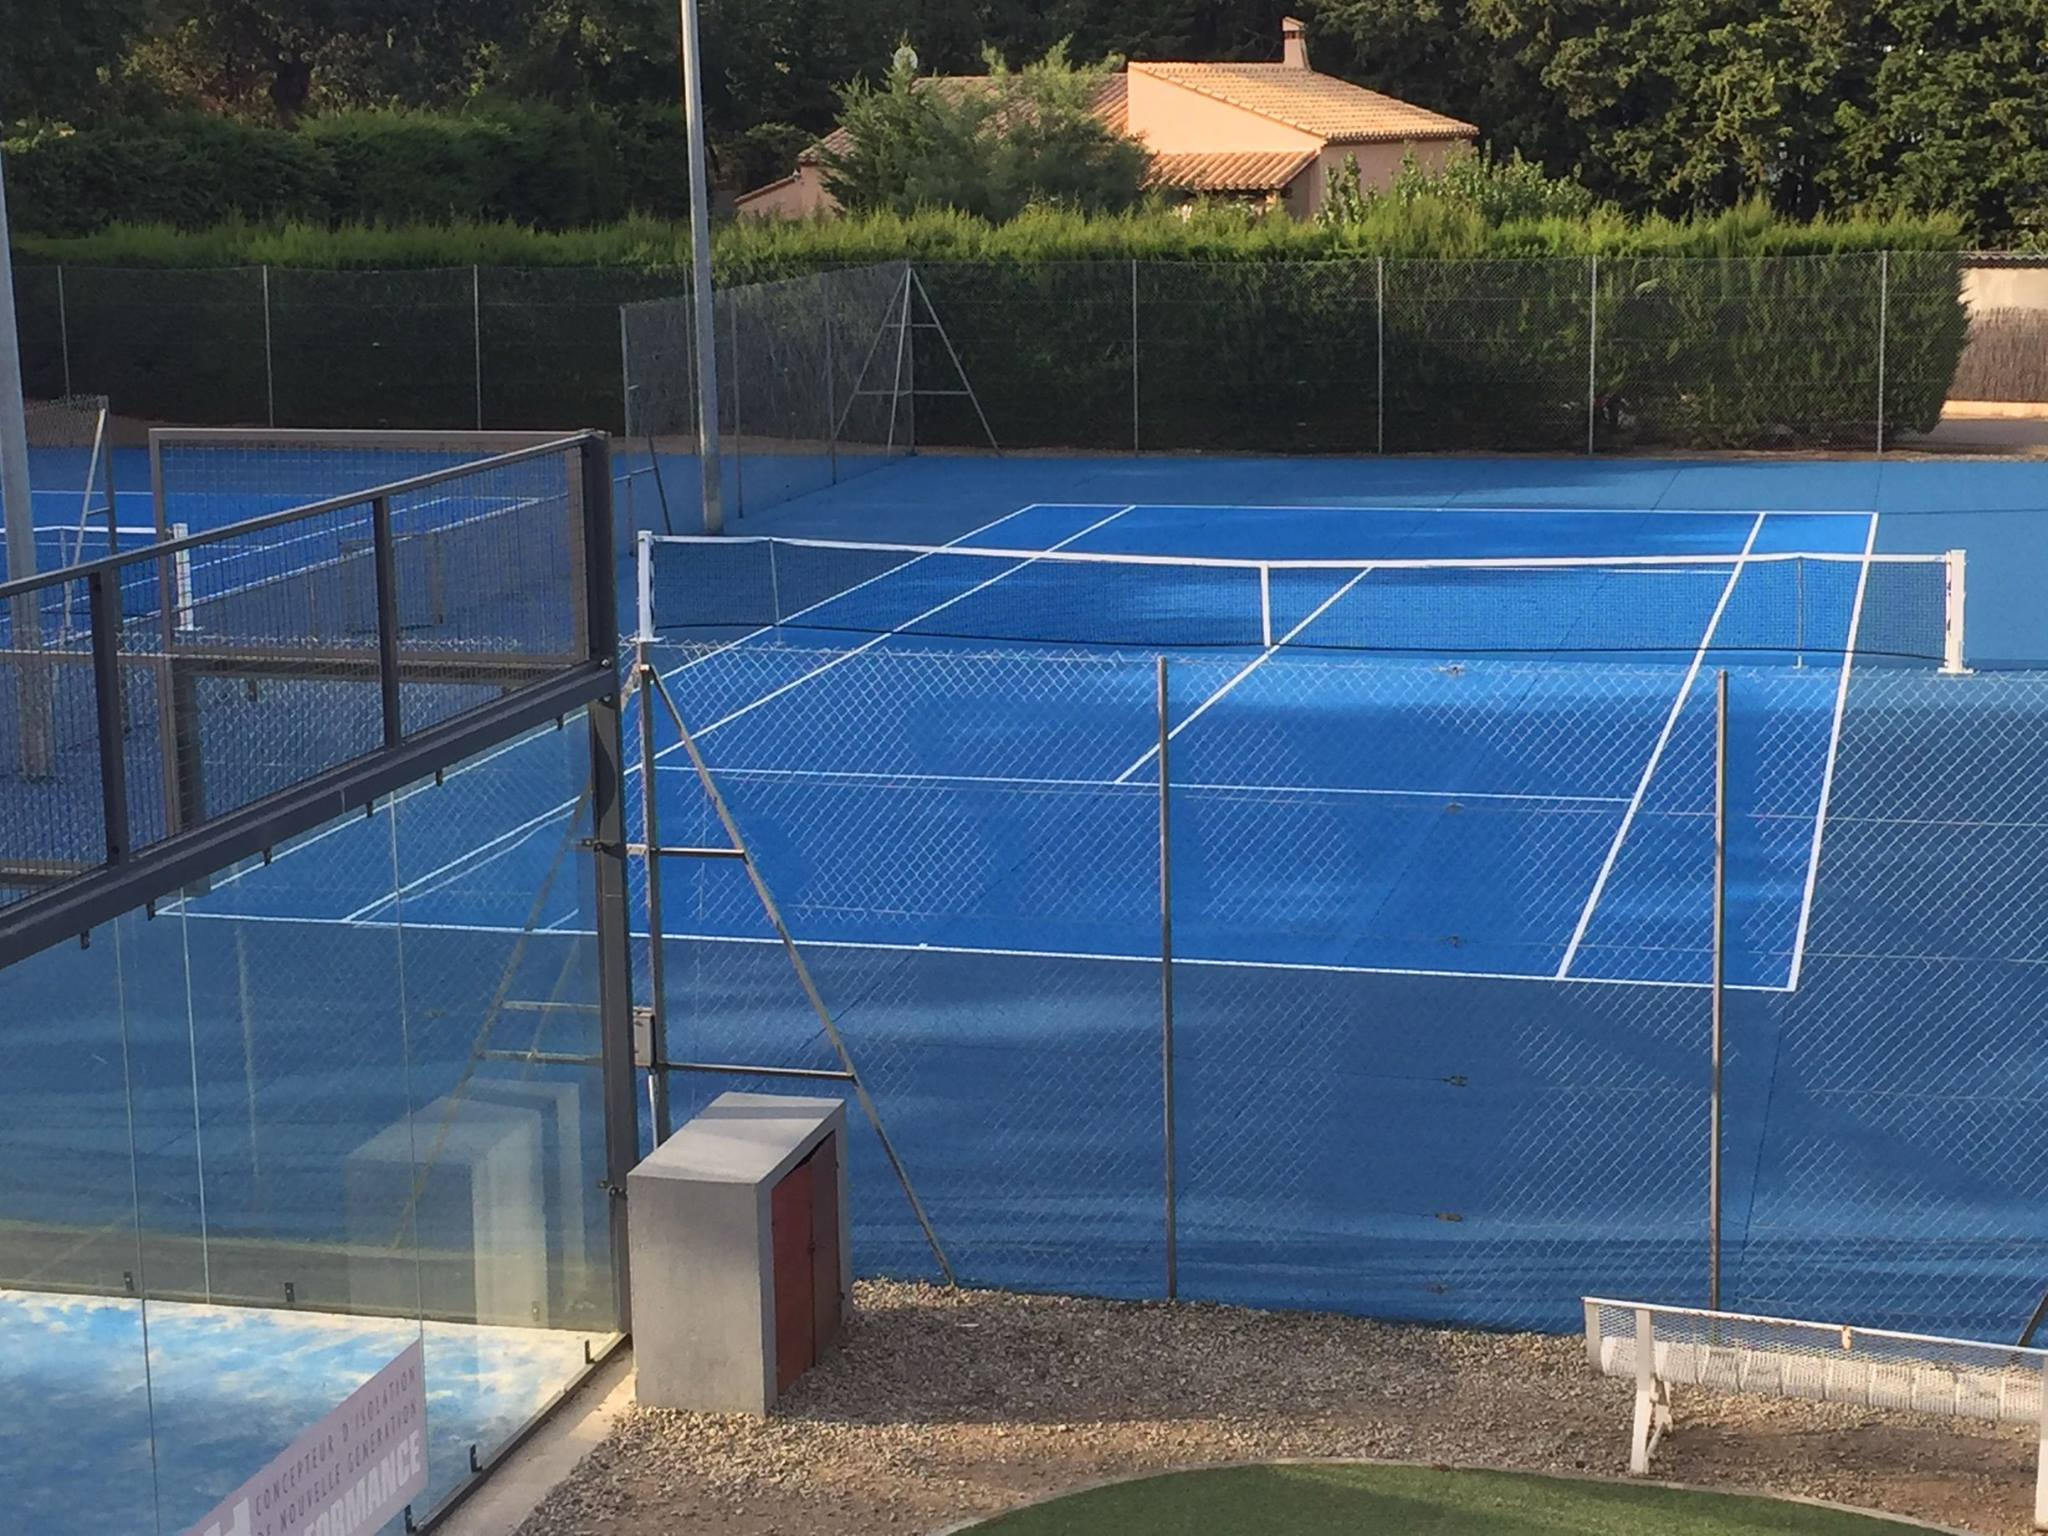 Centre de compétition du tennis du mas à perpignan